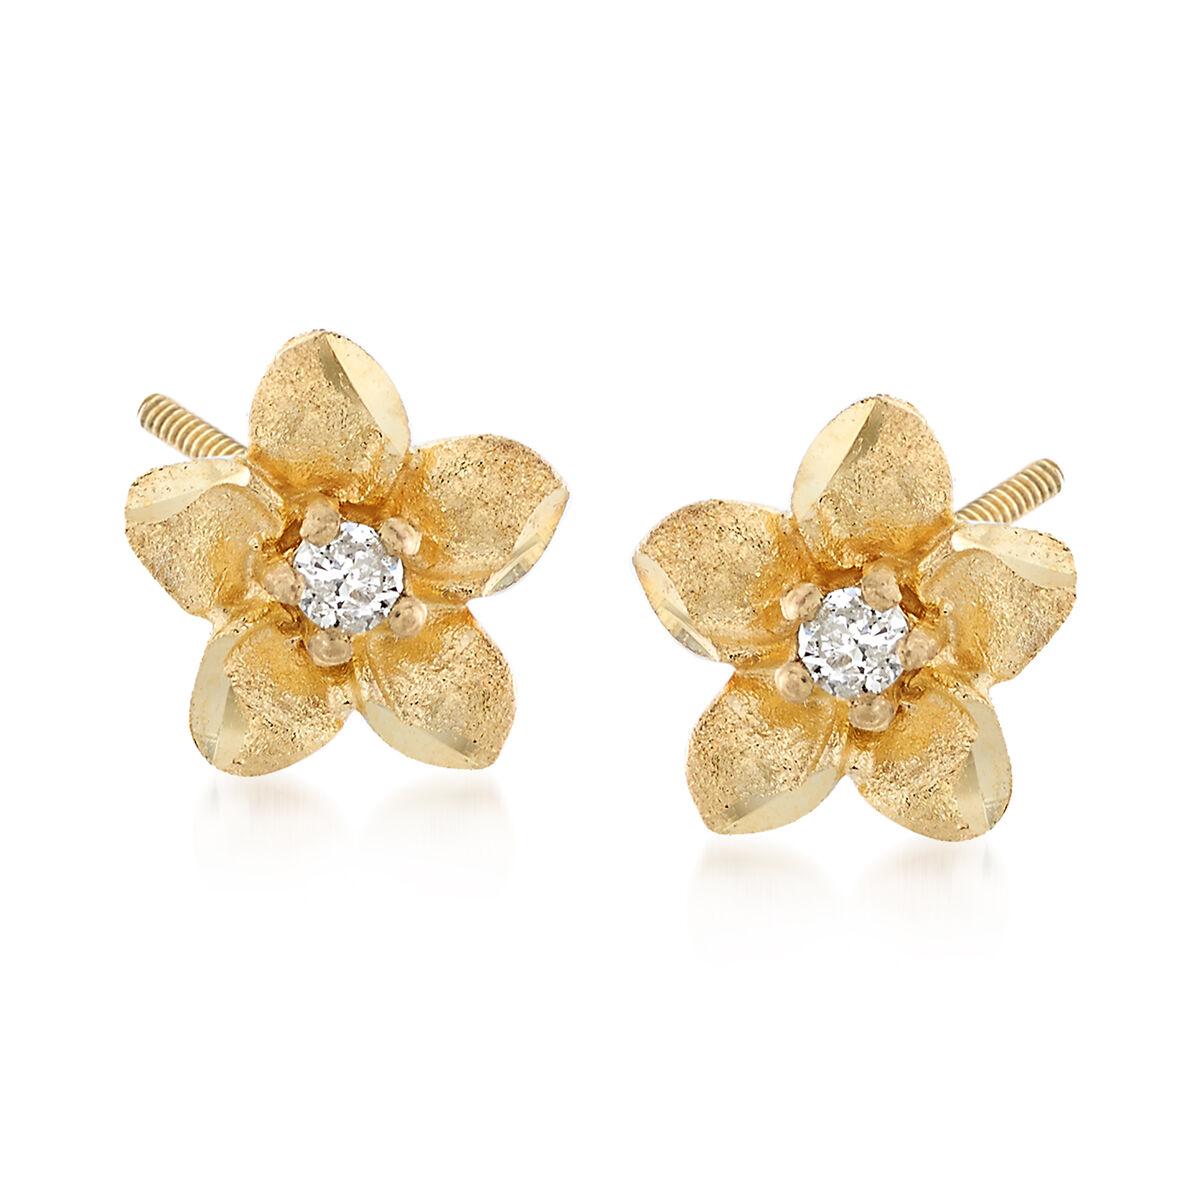 Golden dangling earrings 8080 \u2032s pendant